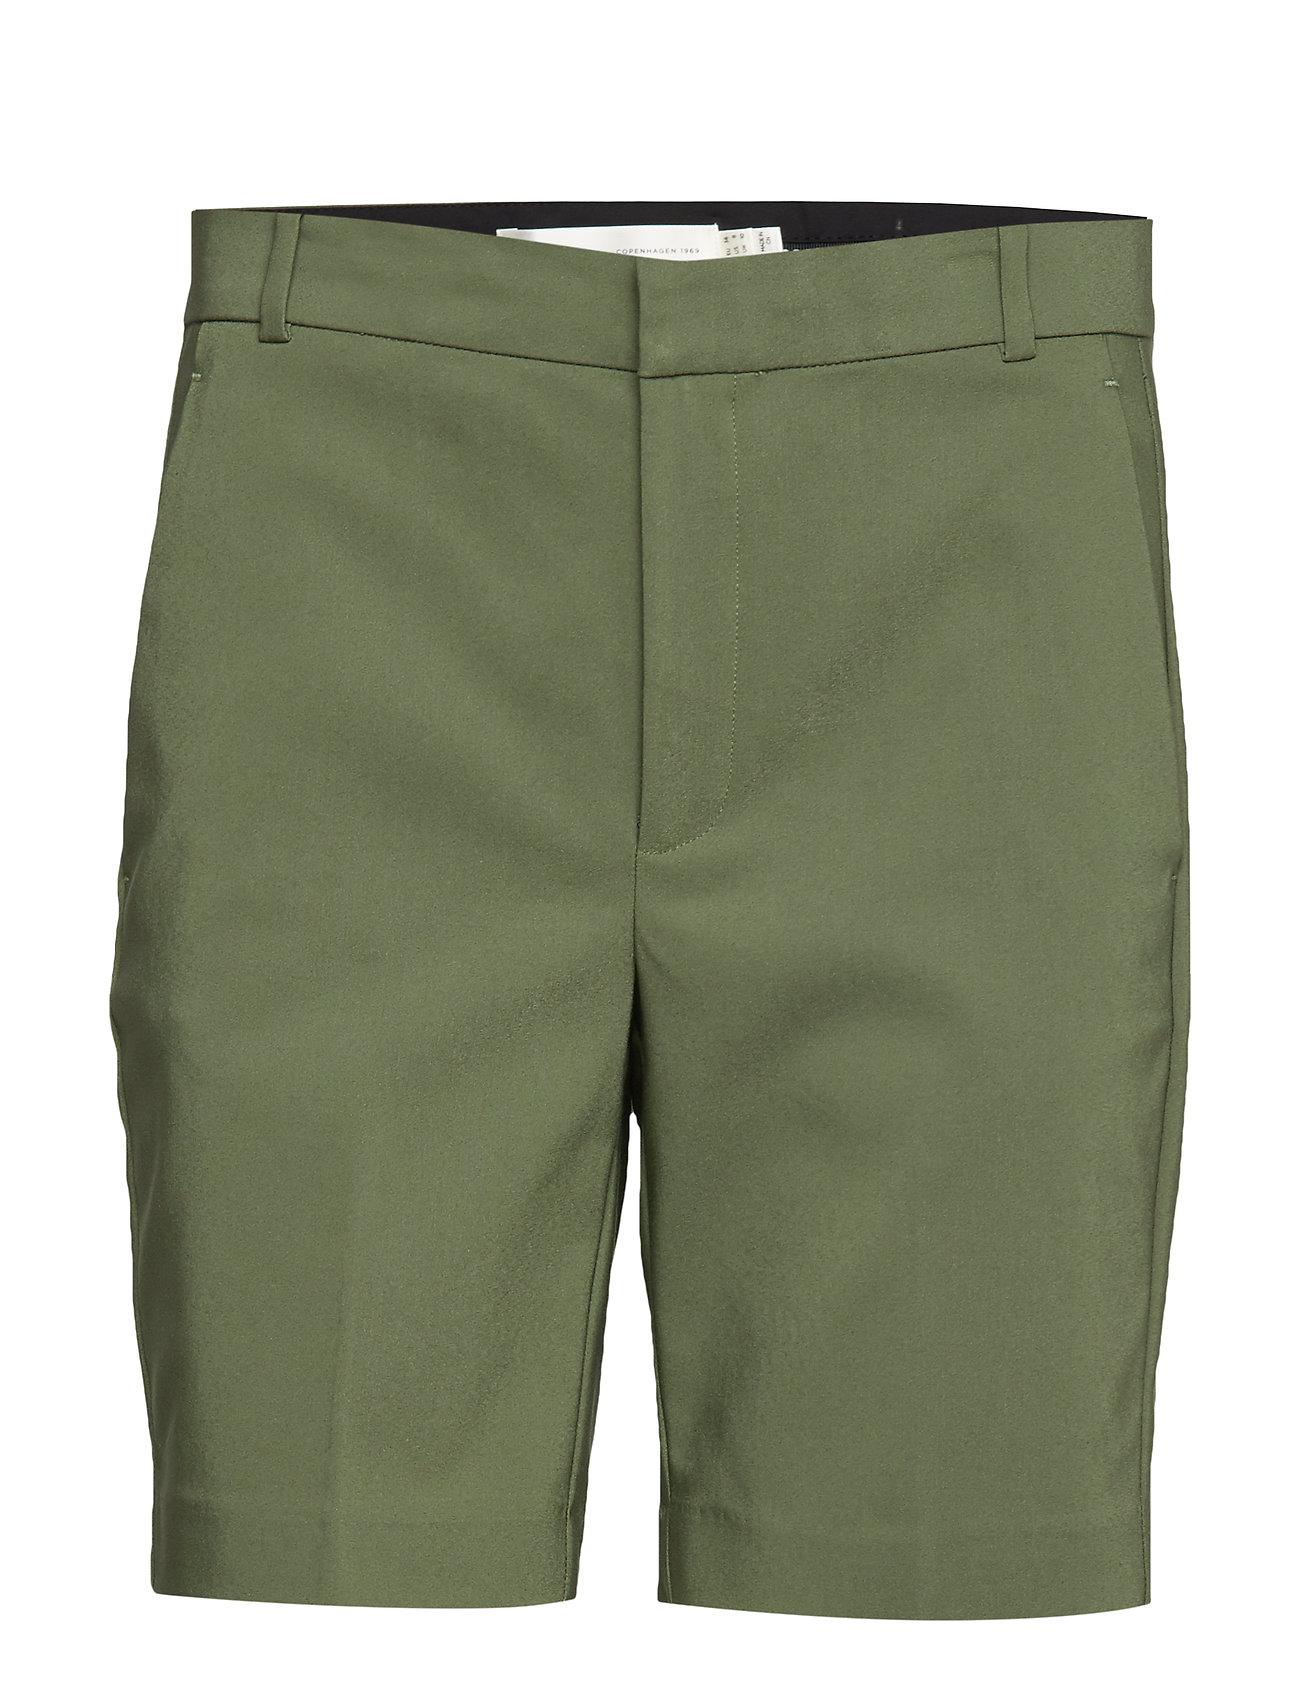 InWear Zella Shorts - BEETLE GREEN